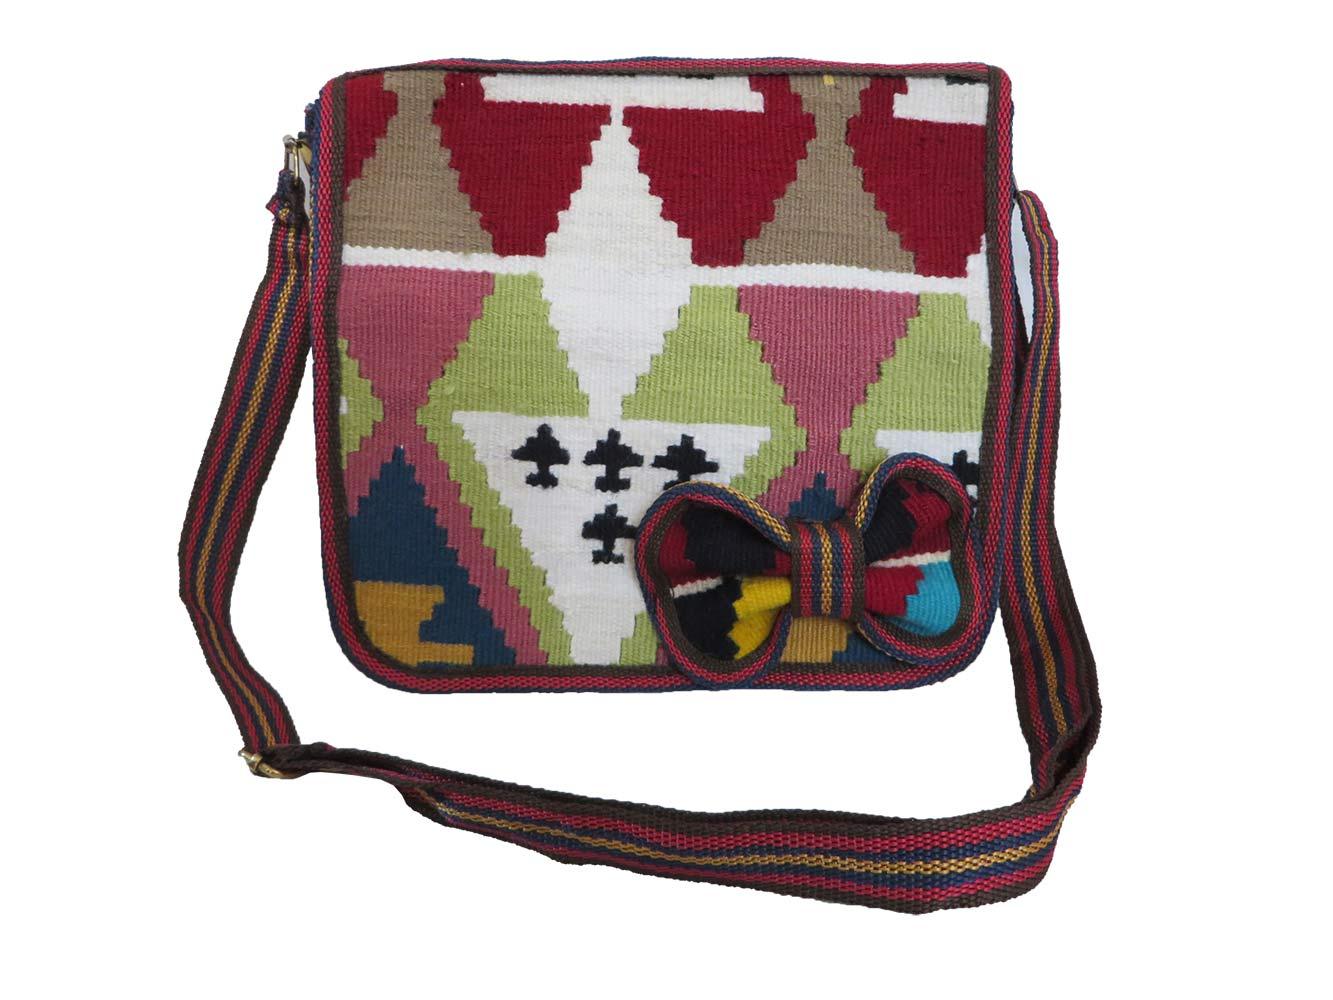 کیف سنتی زنانه مدل سوما